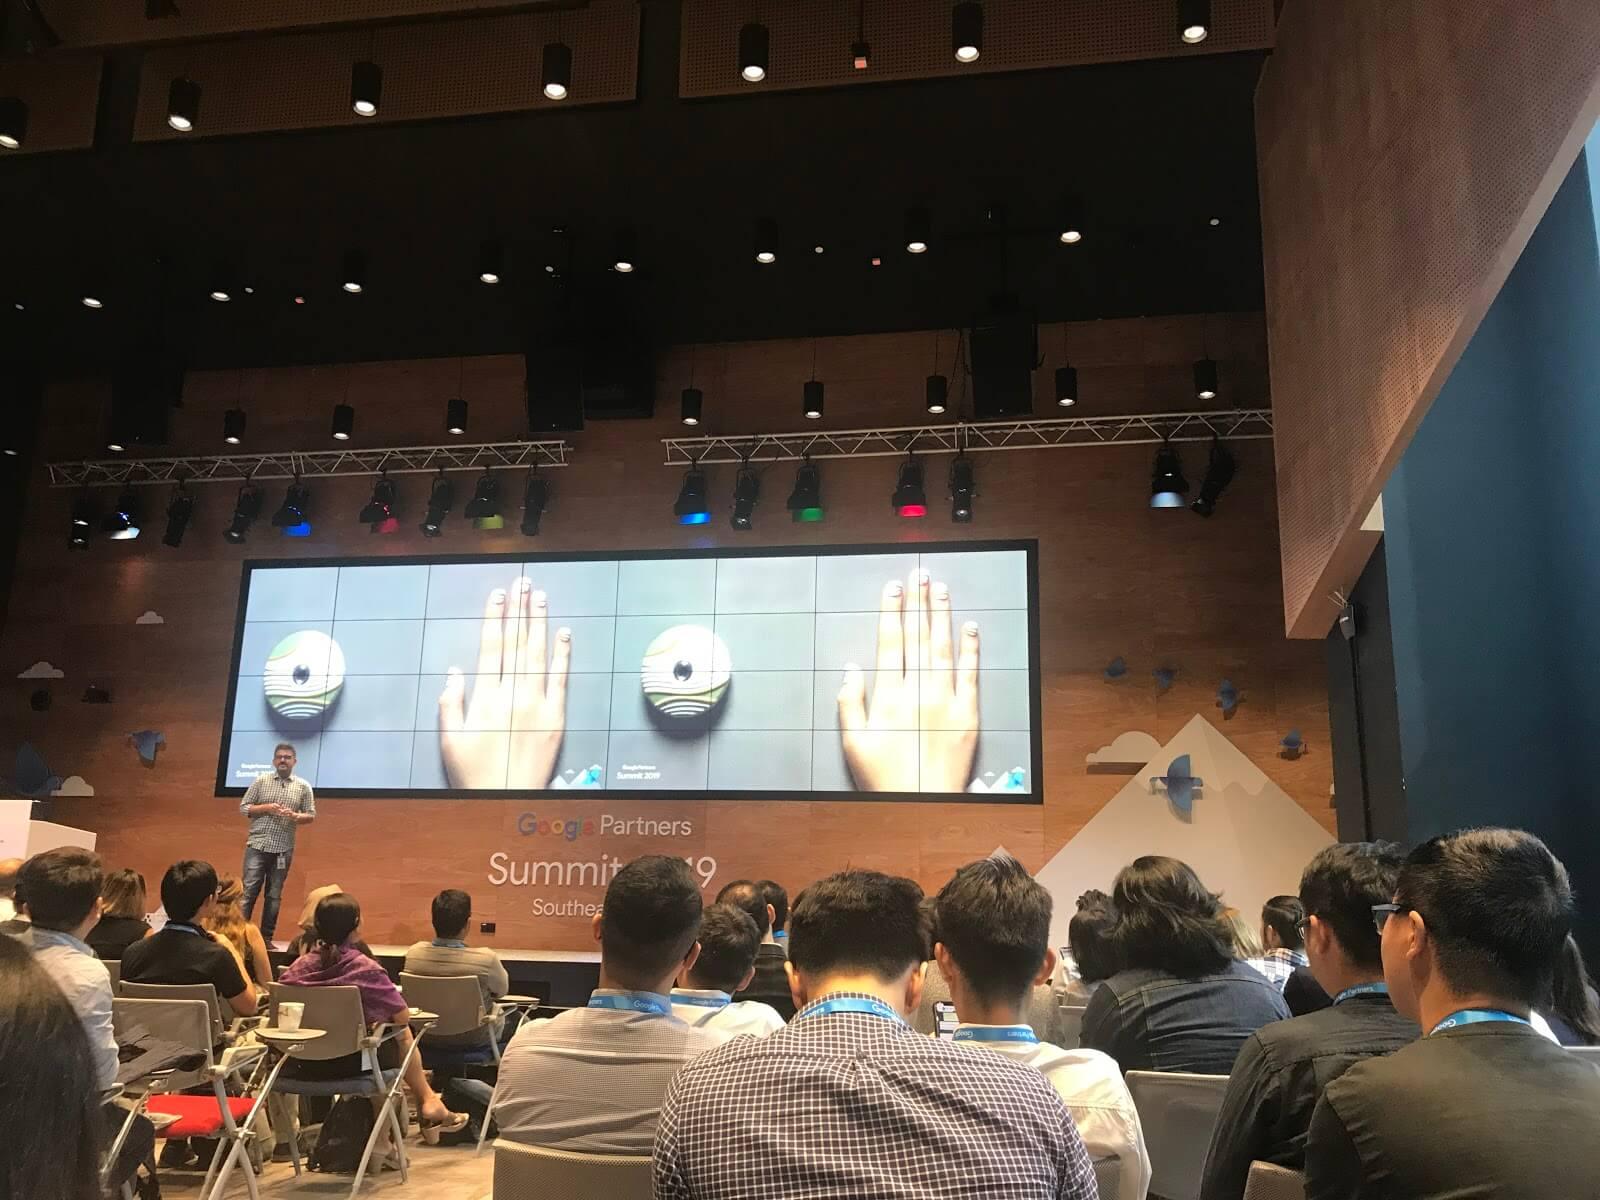 Sự-kiện-Google-Summit-nói-về-Assist